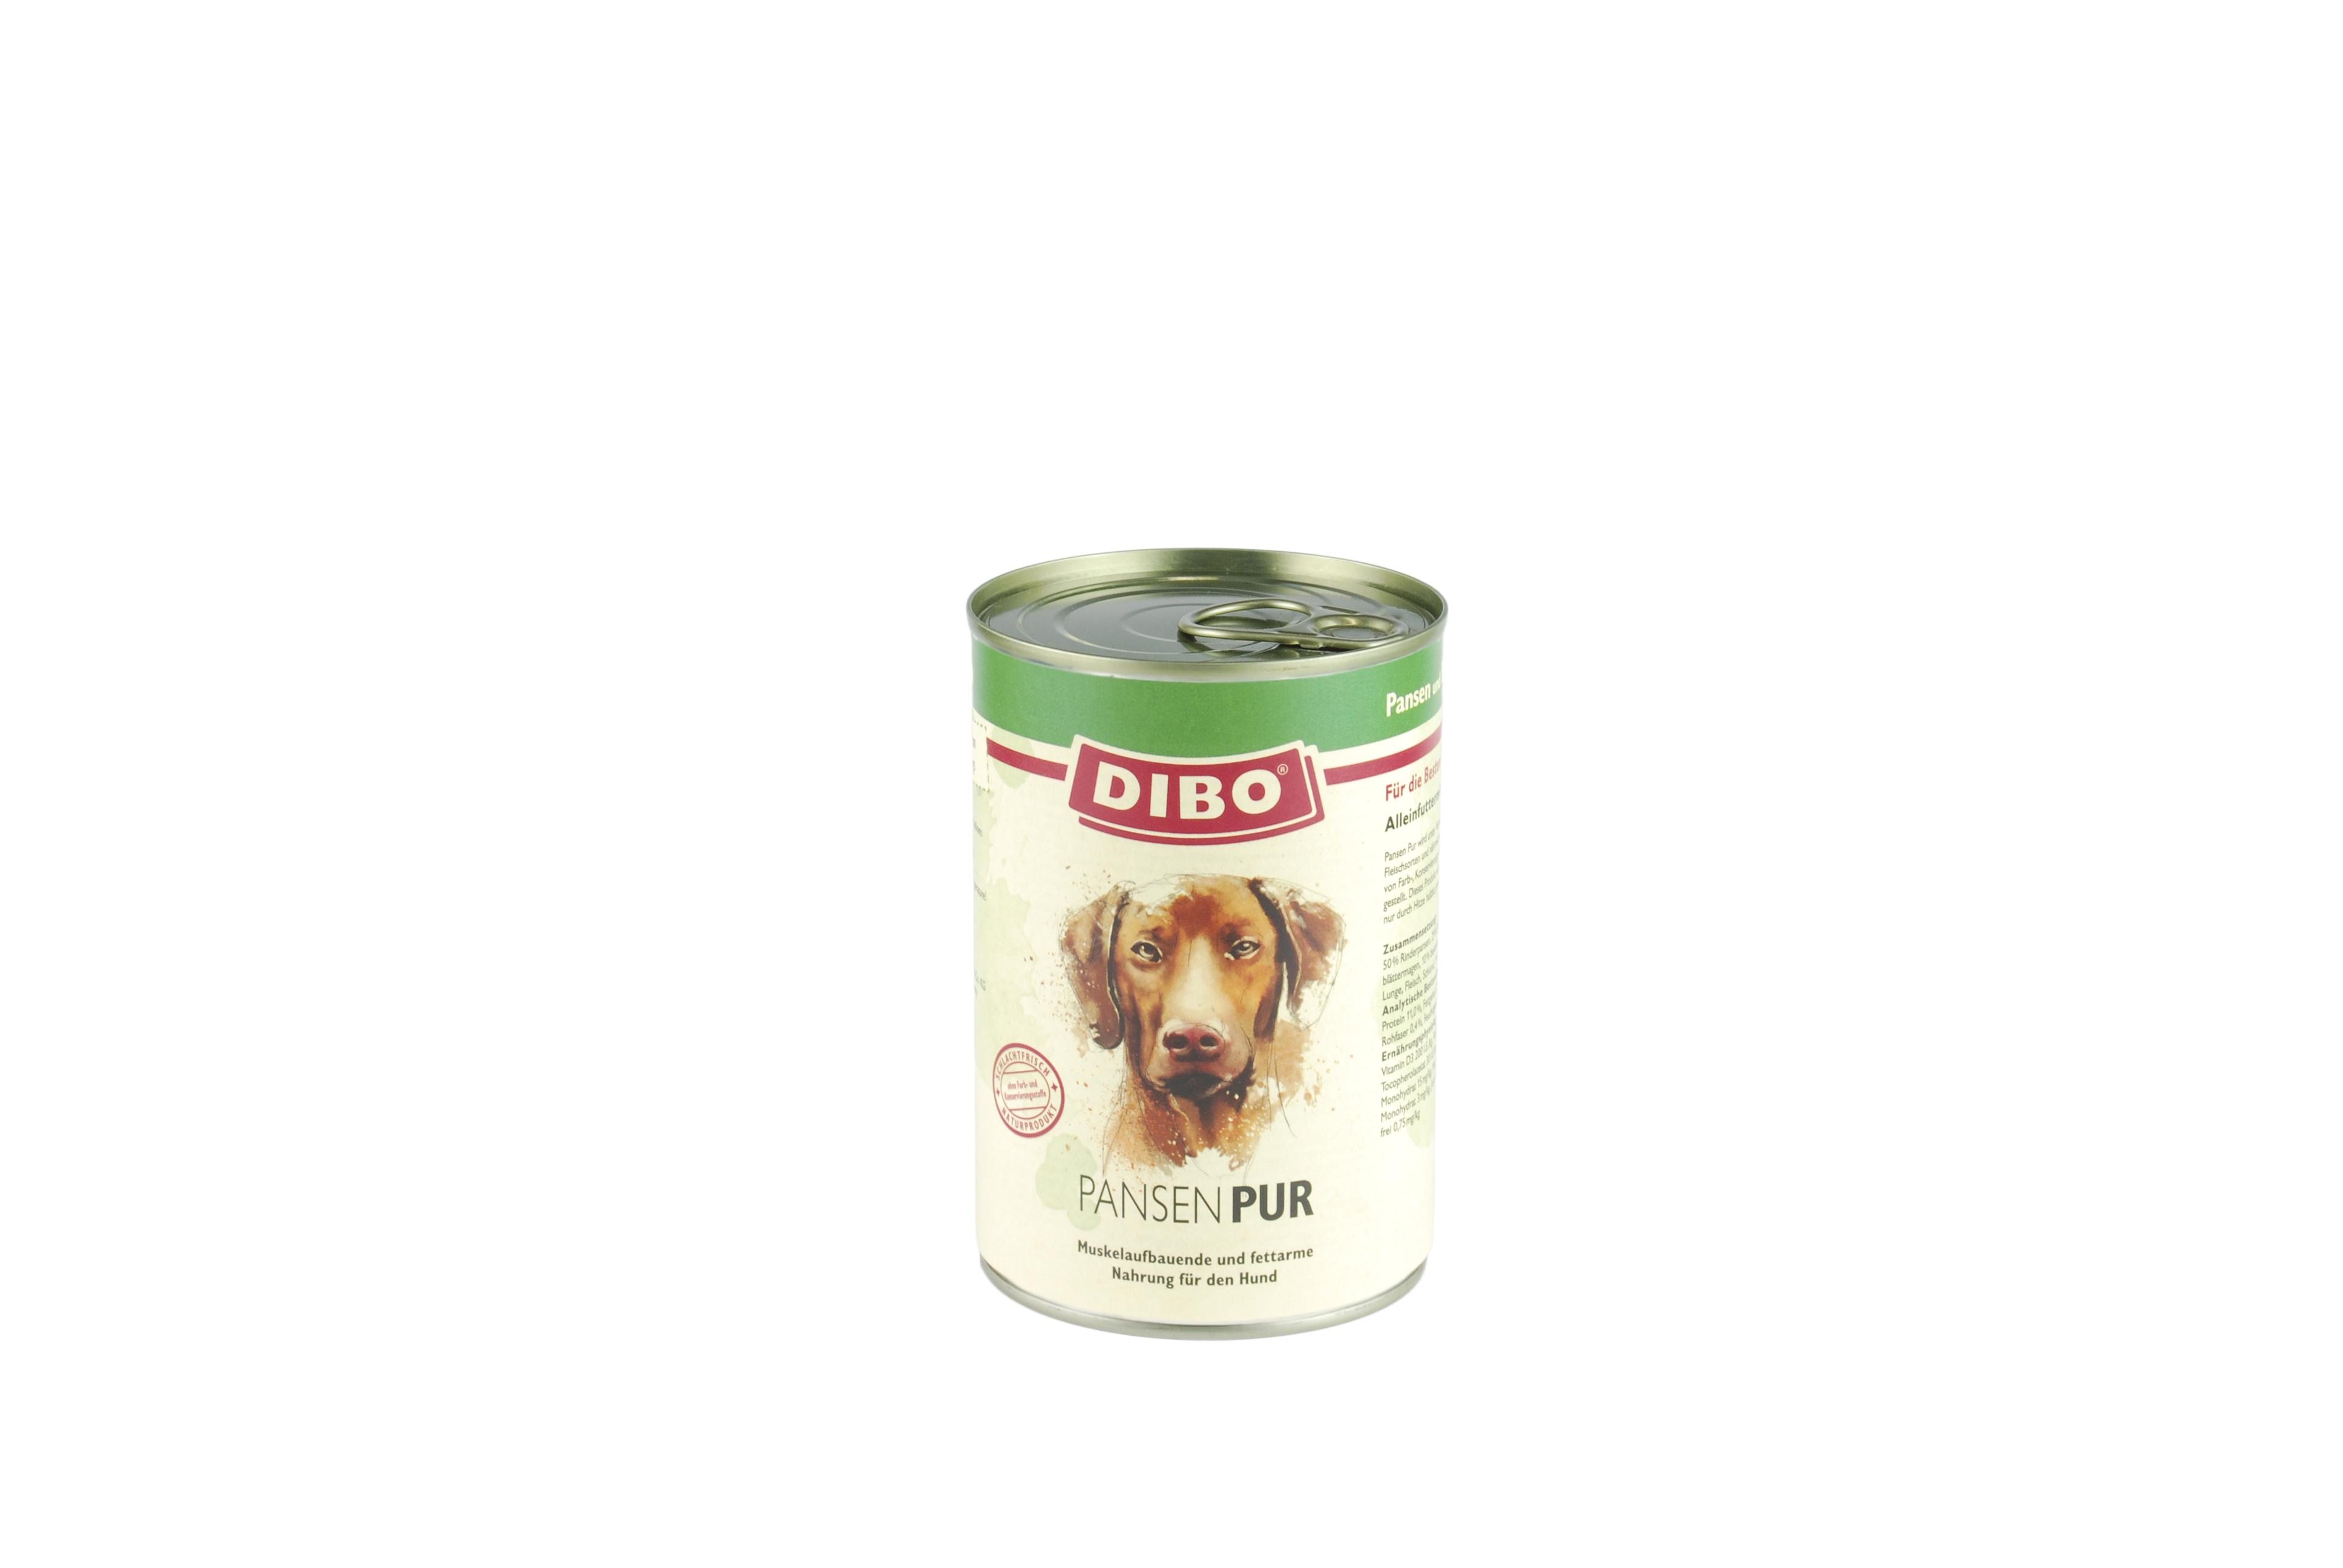 PUR Pansen/Blättermagen, 800 g für Hunde